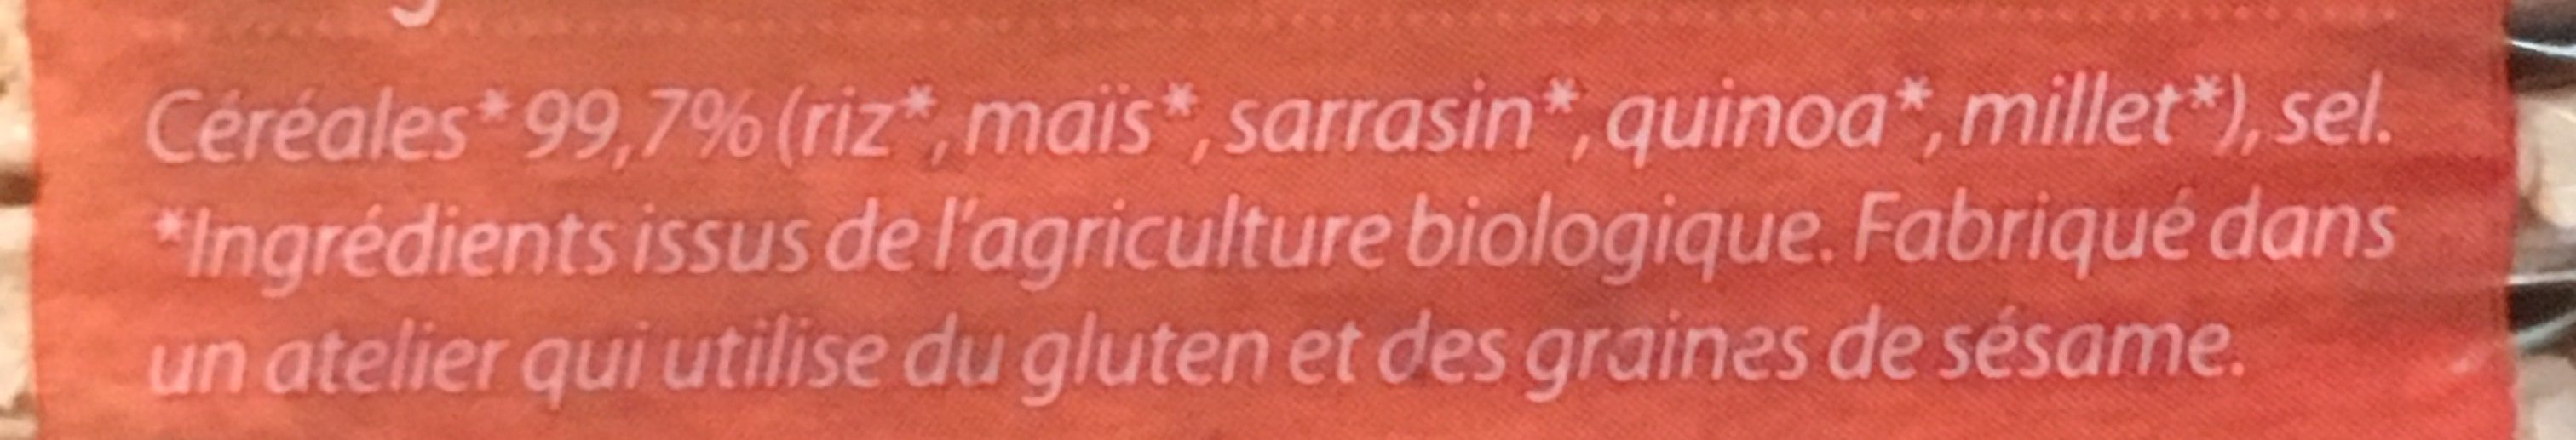 Galettes aux 4 Céréales - Ingrédients